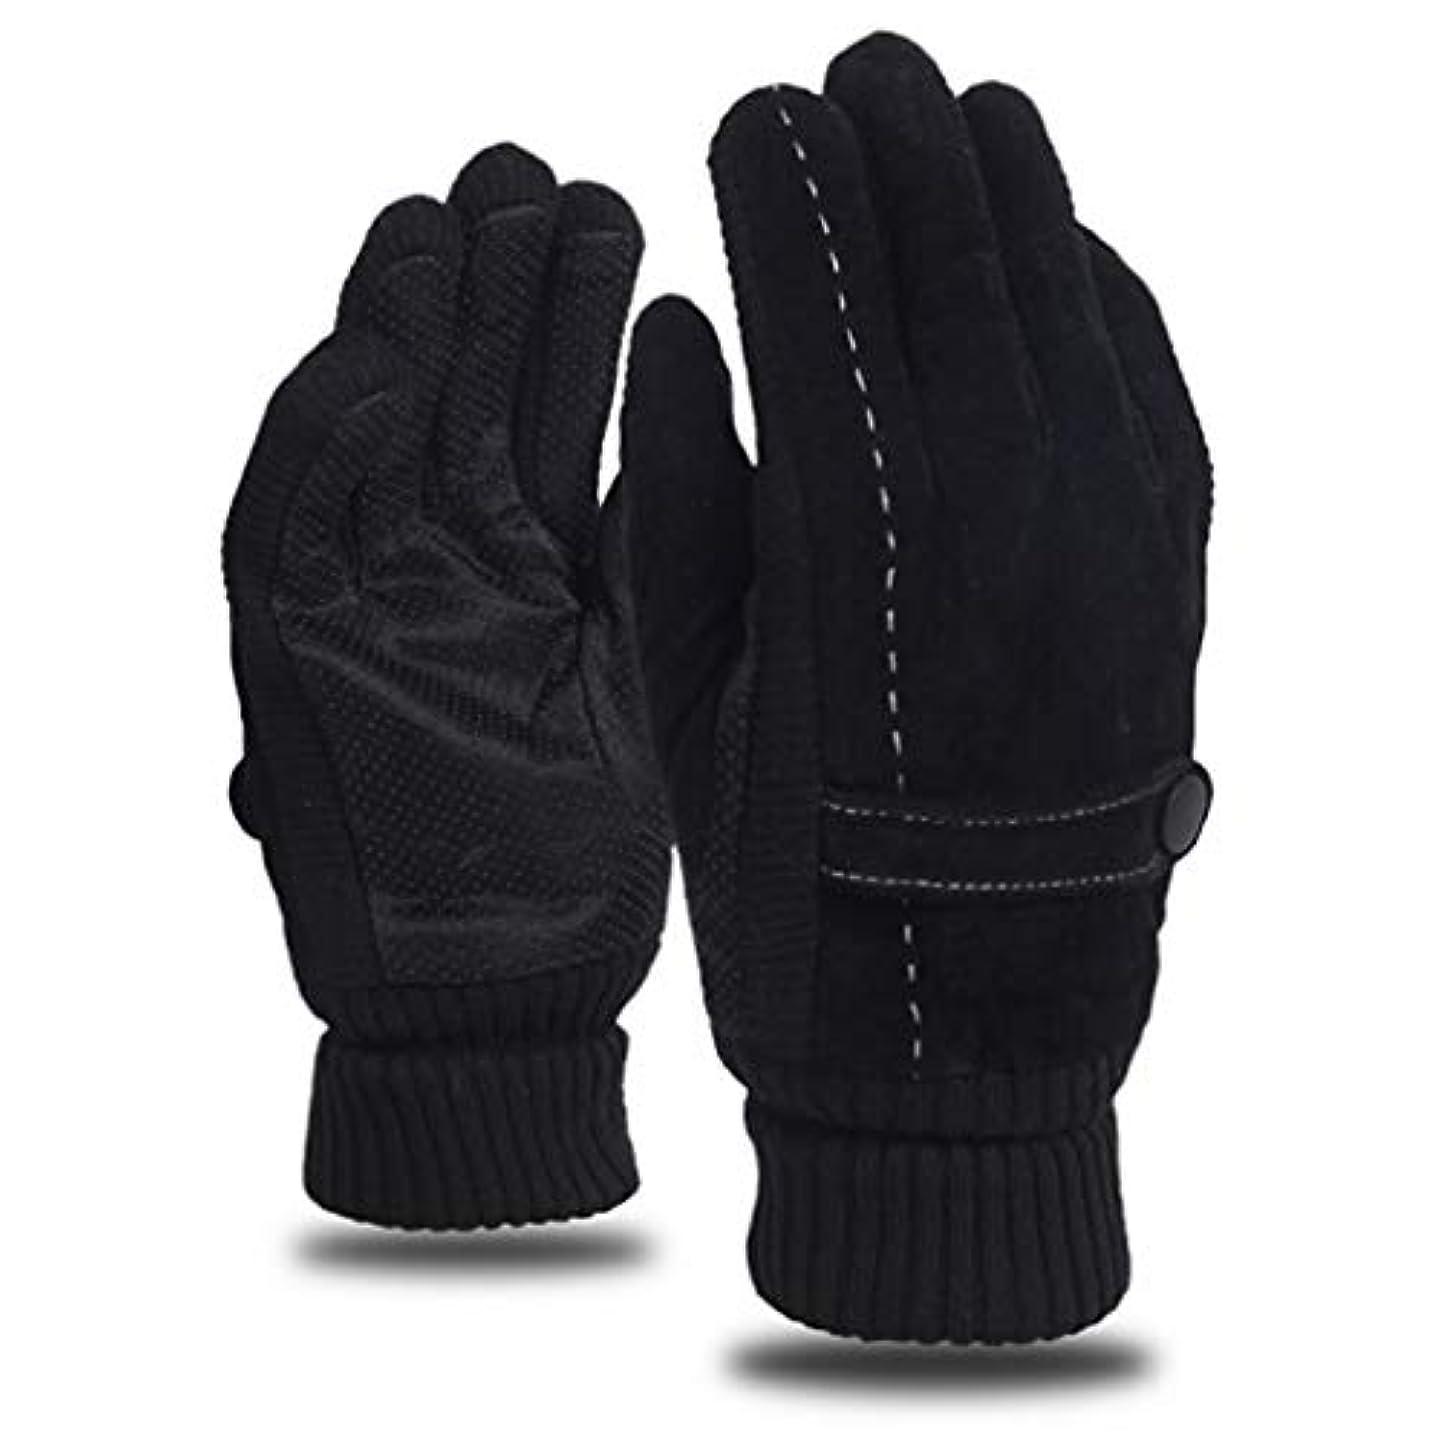 勉強するナンセンスカバレッジレザーグローブメンズウィンライディングプラスベルベット厚手暖かいドライビングアウトドアオートバイ防風コールドノンスリップメンズコットン手袋 (色 : 黒)